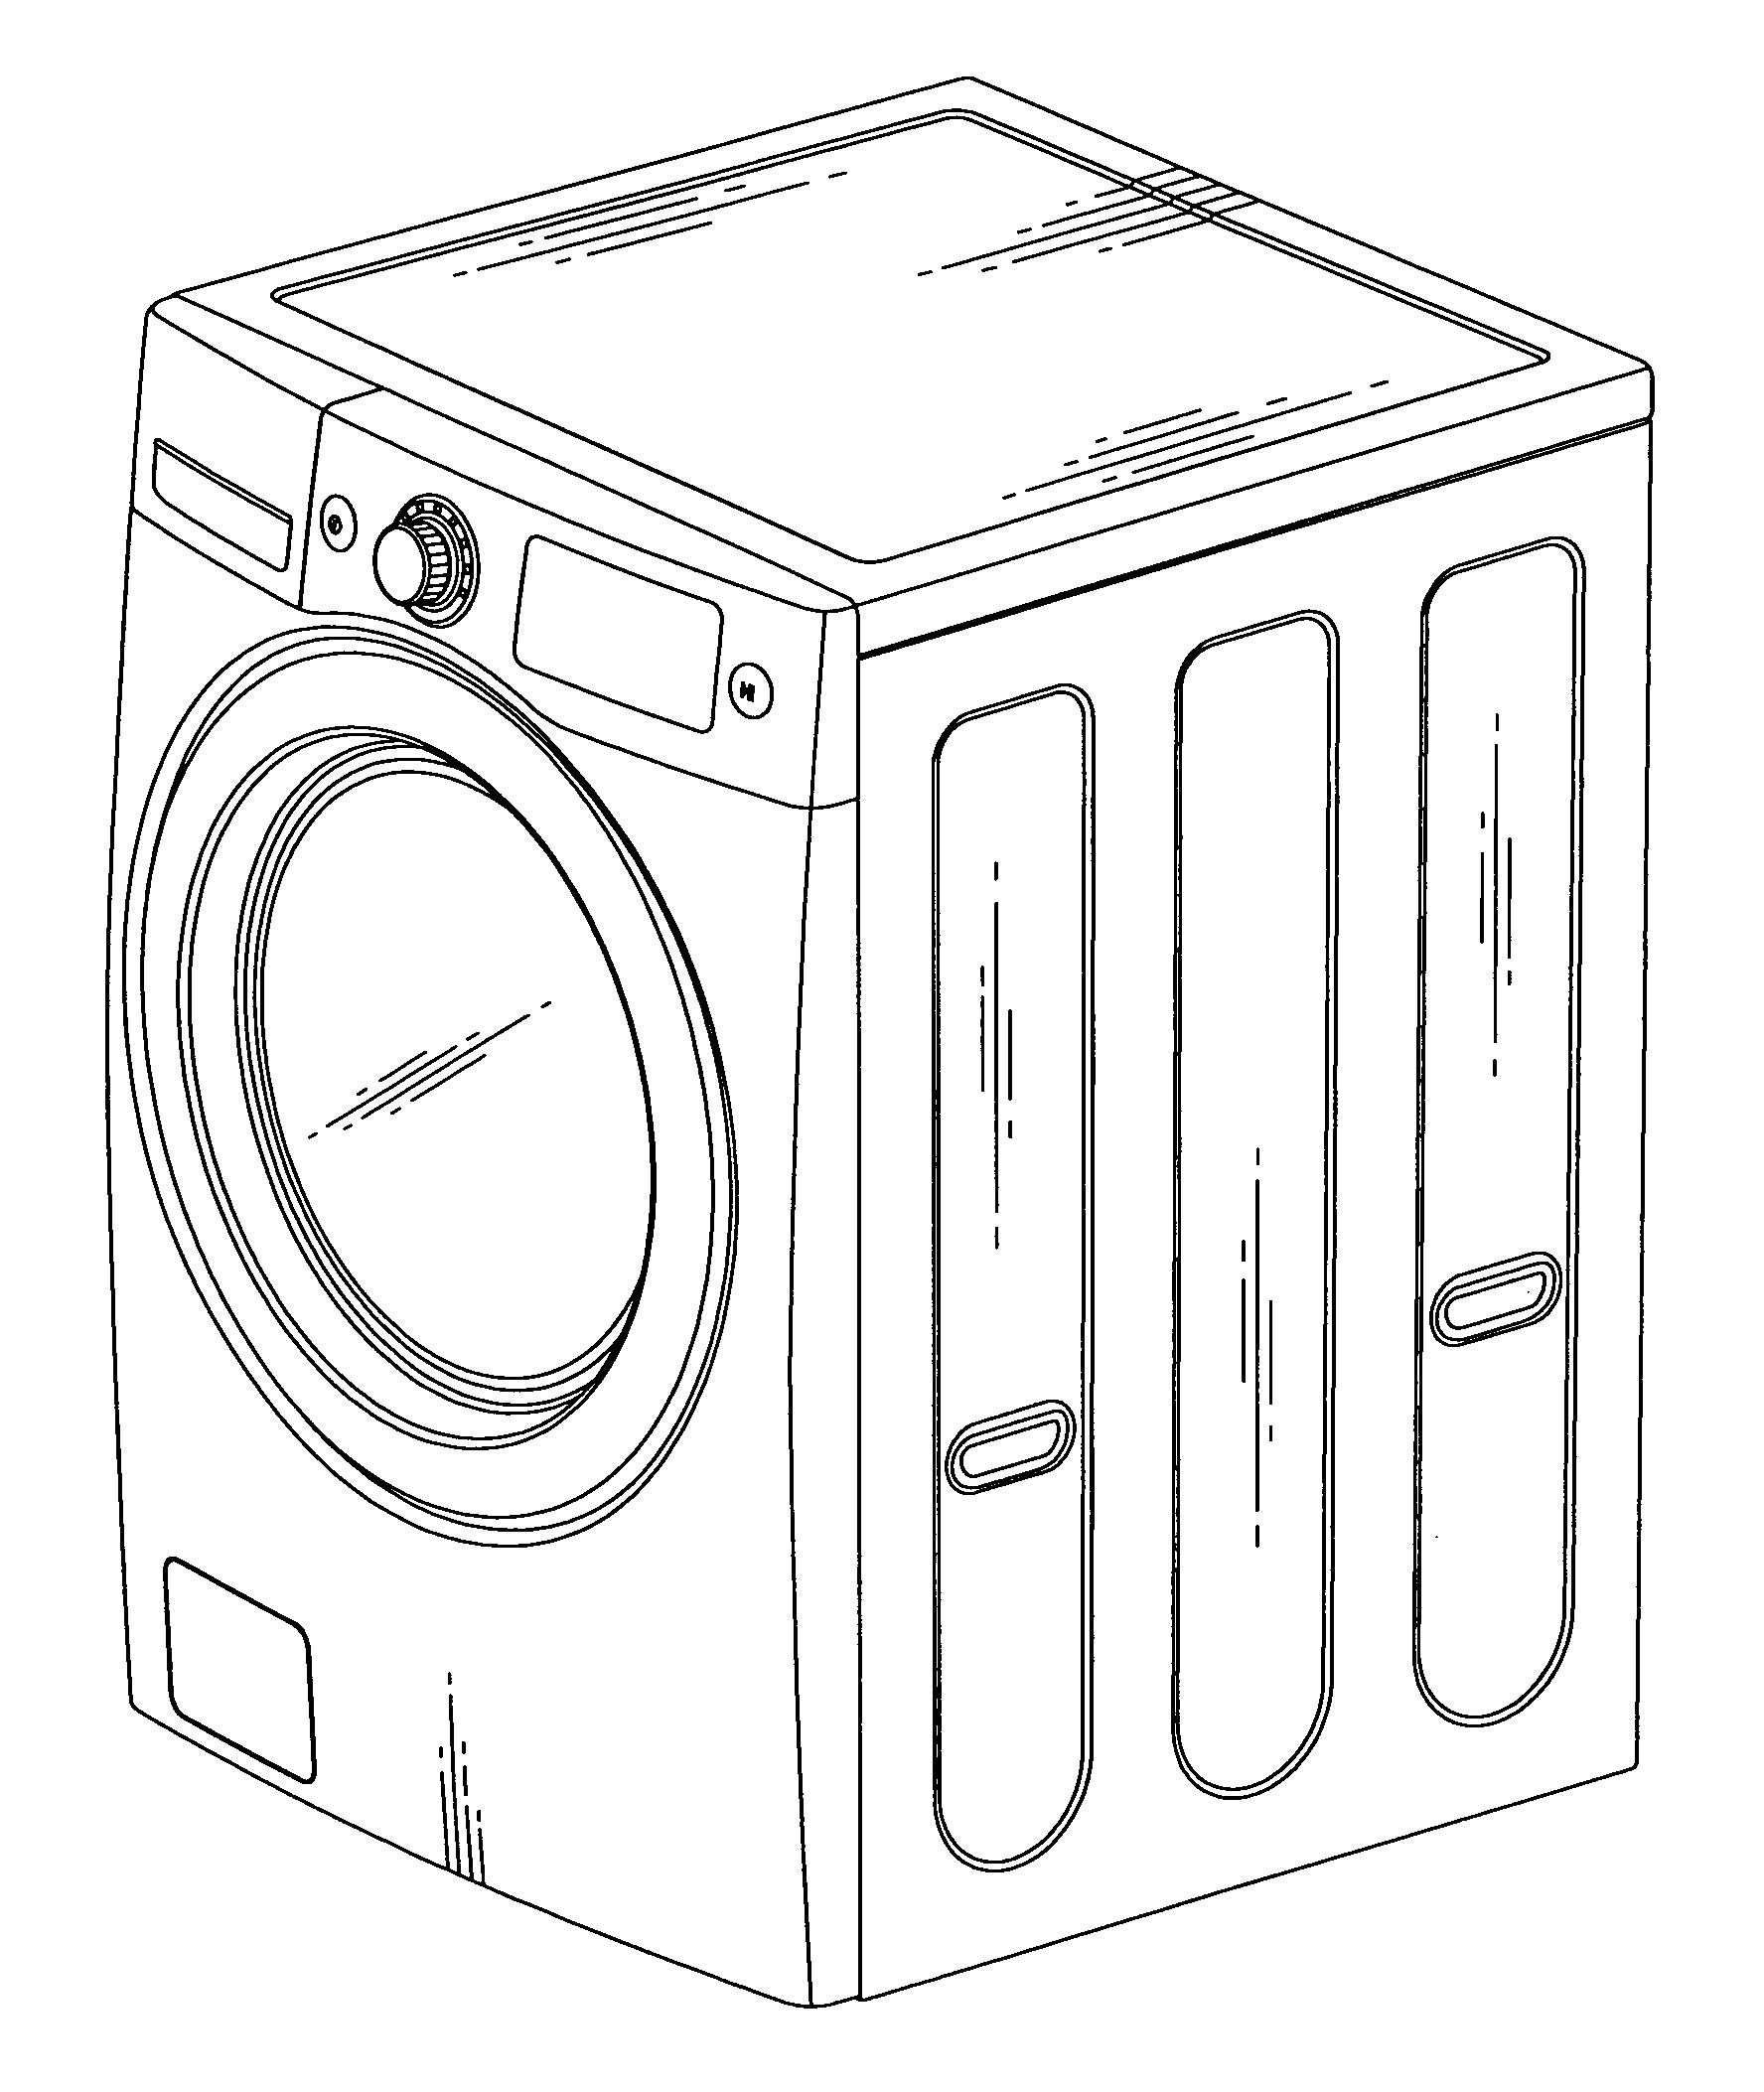 Washing Machine Drawing ~ Patent usd washing machine google patents